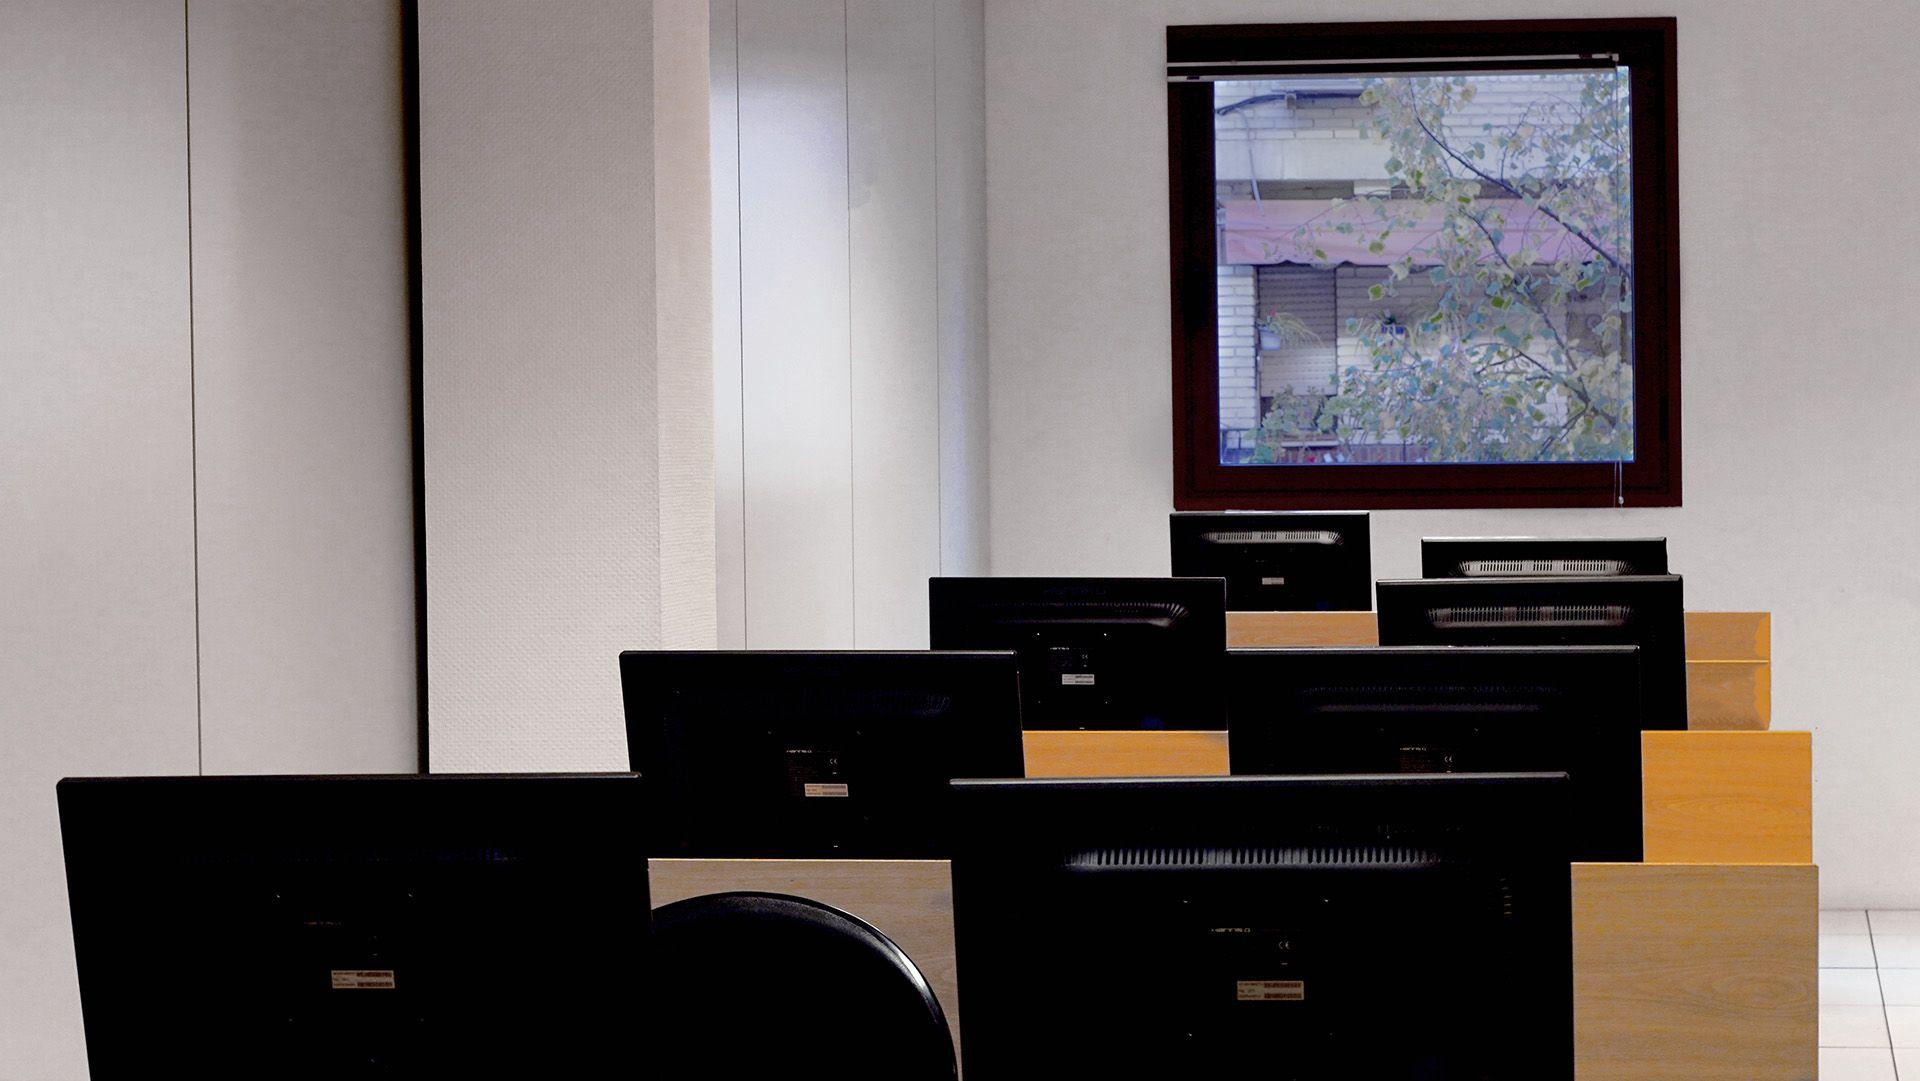 aula ordenador